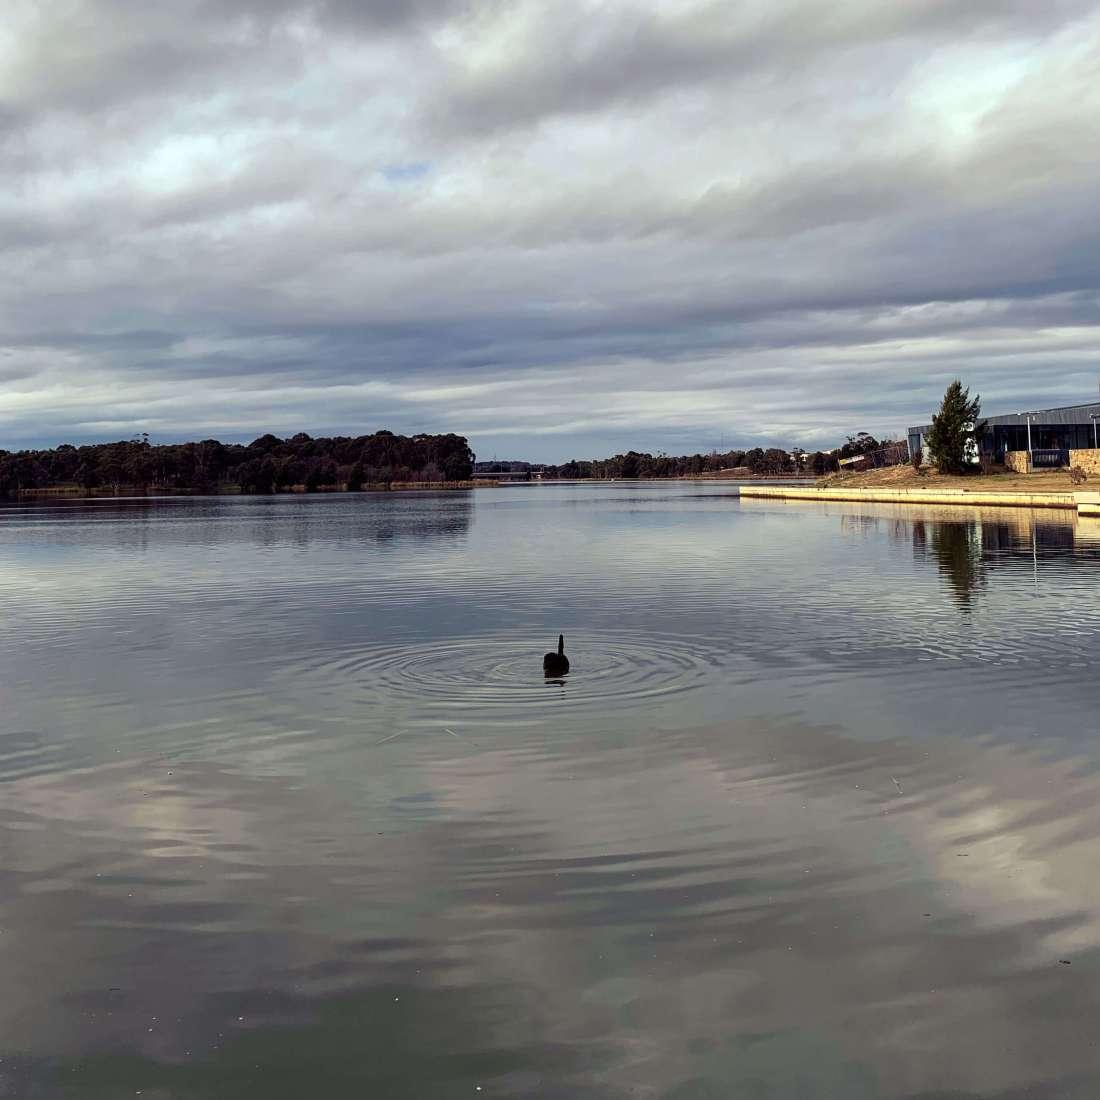 Lone swan, lake Ginninderra, Canberra